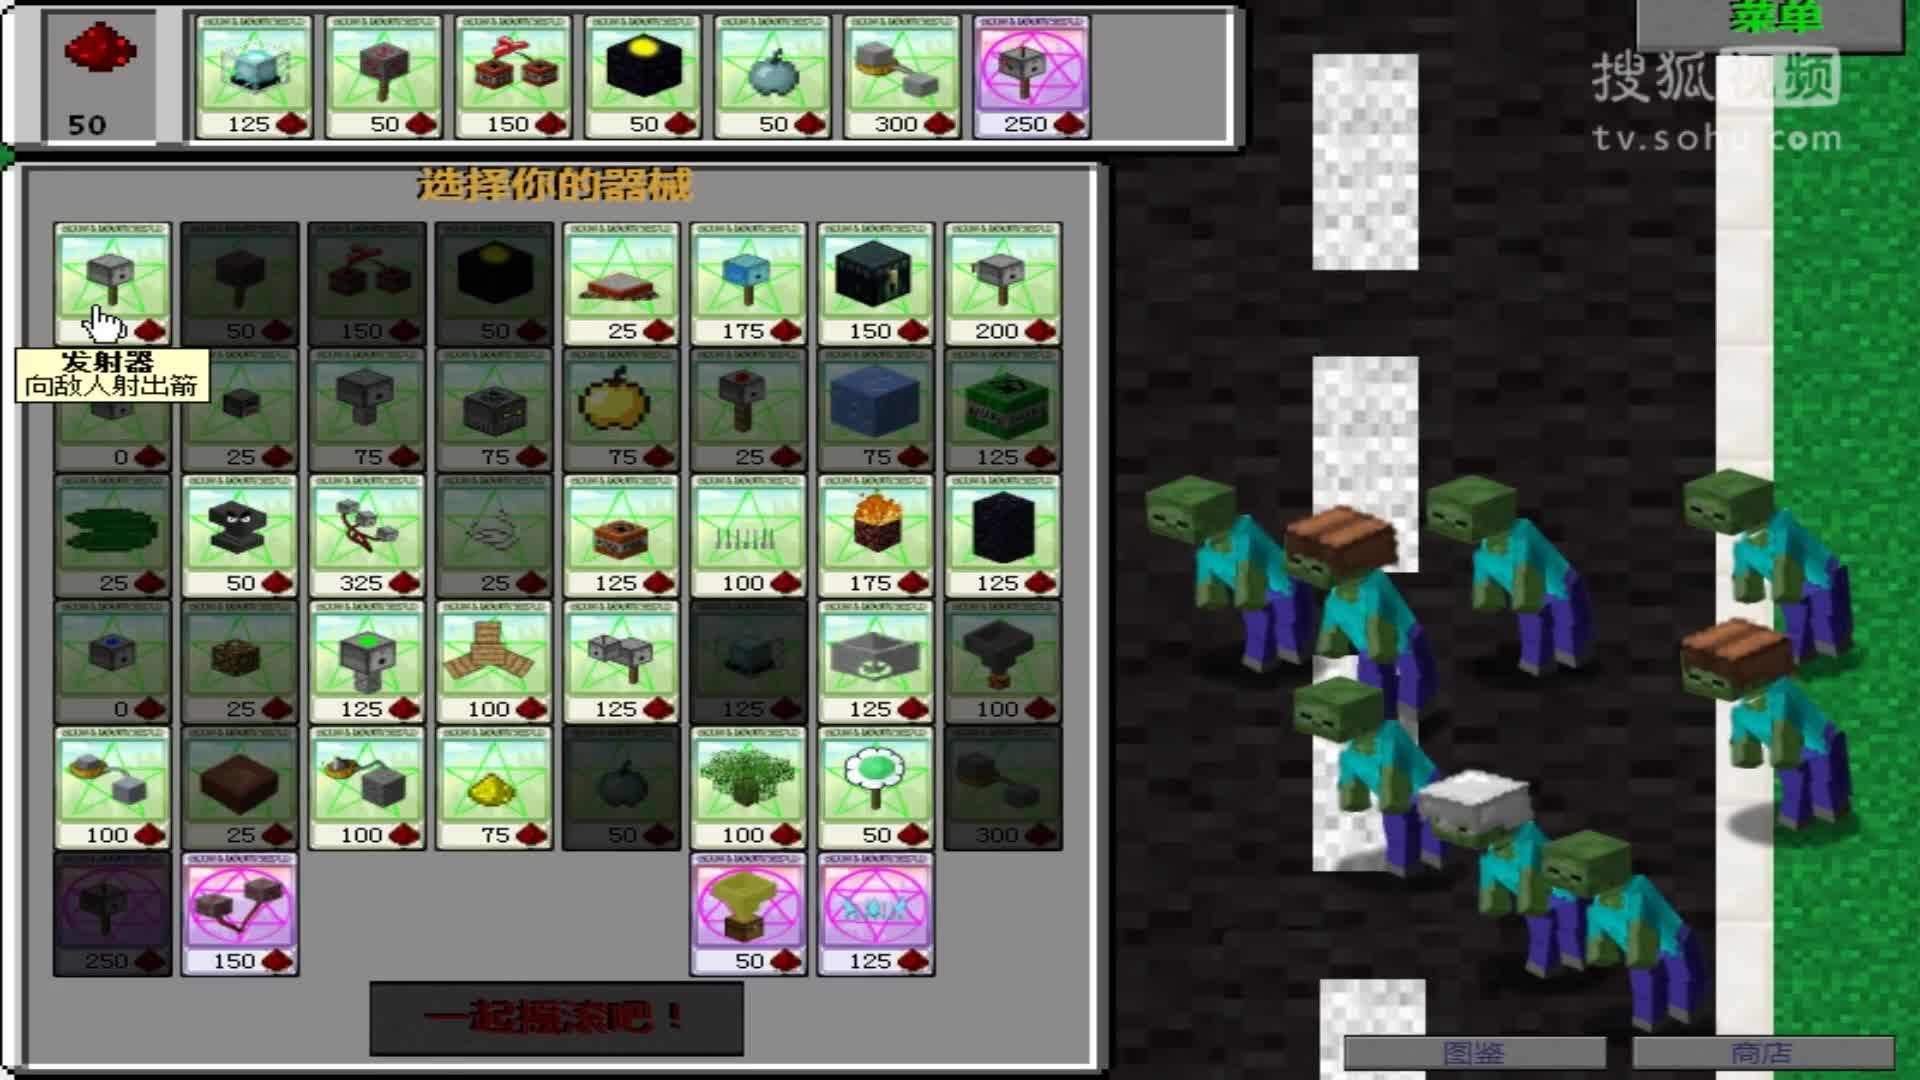 我的世界植物大战僵尸2手机版 1.7.4 安卓版截图5